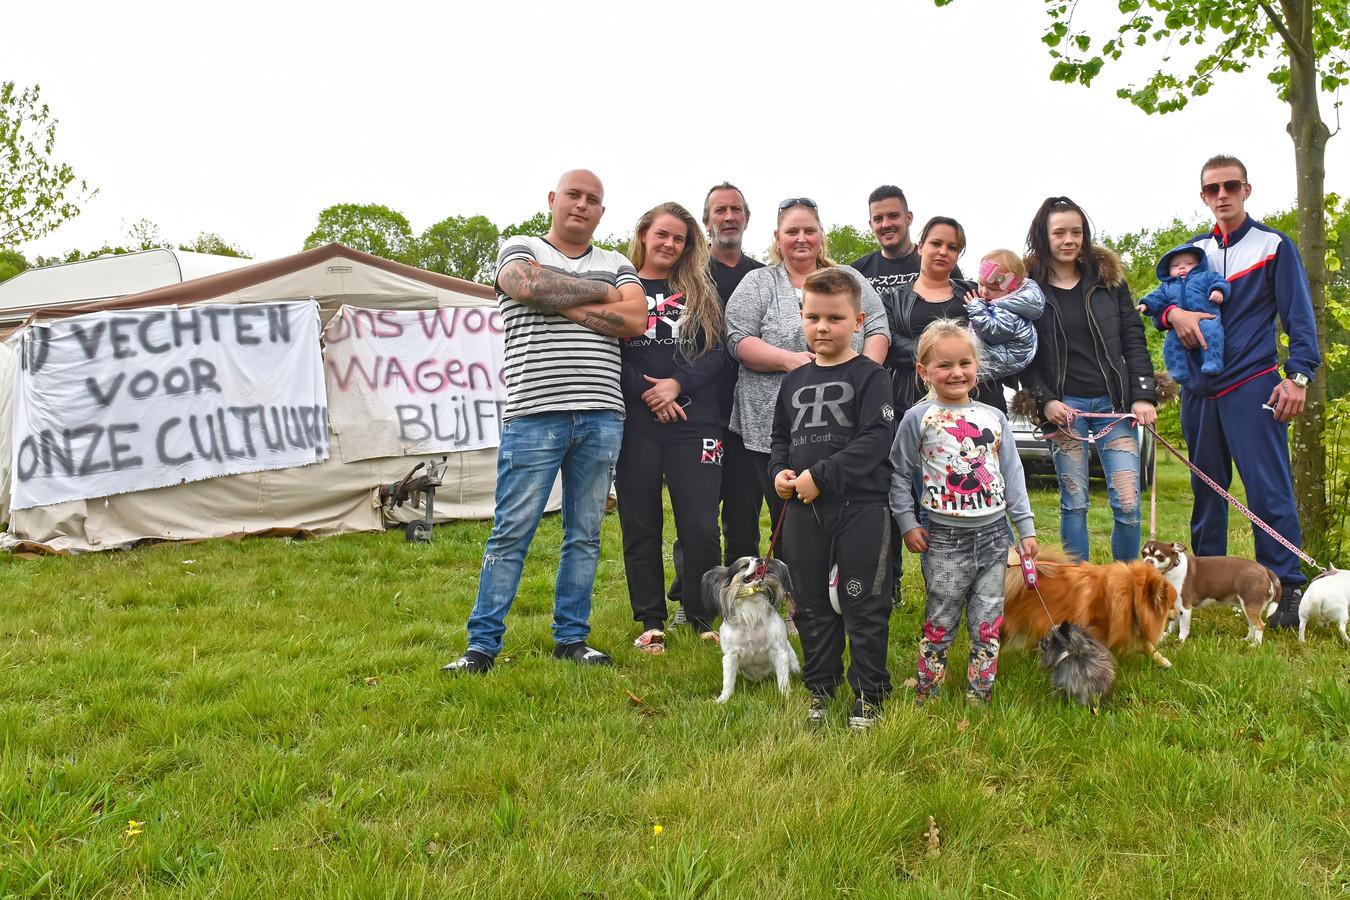 OOSTERHOUT - Pix4Profs/Casper van Aggelen - Woonwagenbewoners zonder een vaste plek protesteren aan de Beneluxweg in Oosterhout. Links op de foto Hendrik Bohets.